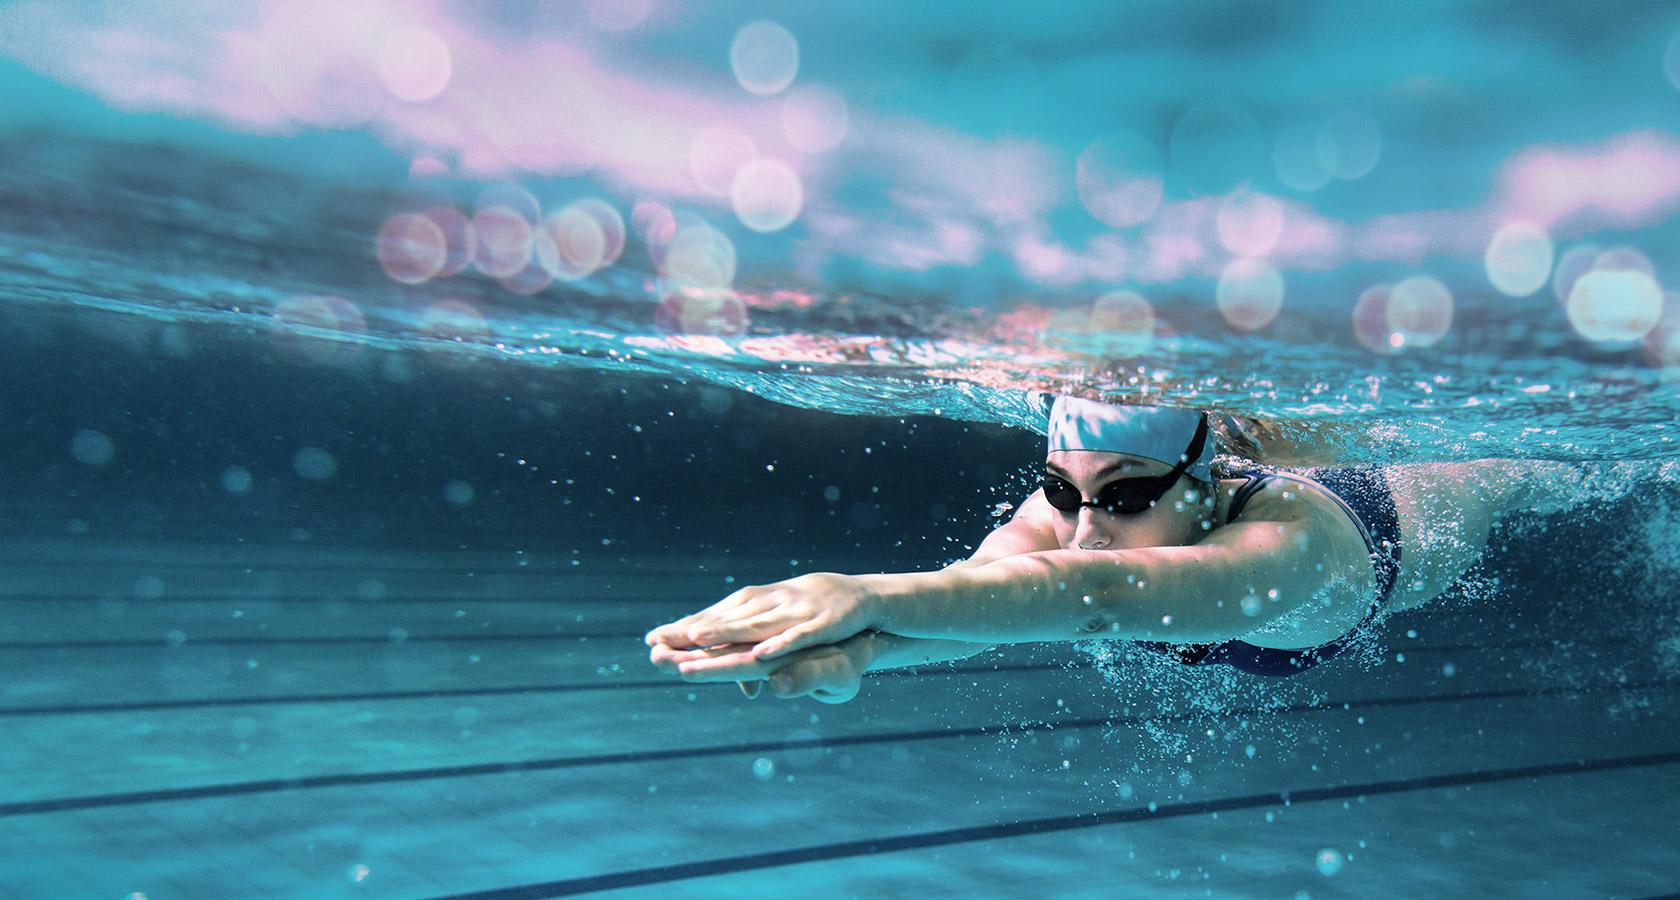 กีฬาว่ายน้ำเป็นกีฬาที่ใครๆก็เลือกให้ความสนใจ post thumbnail image